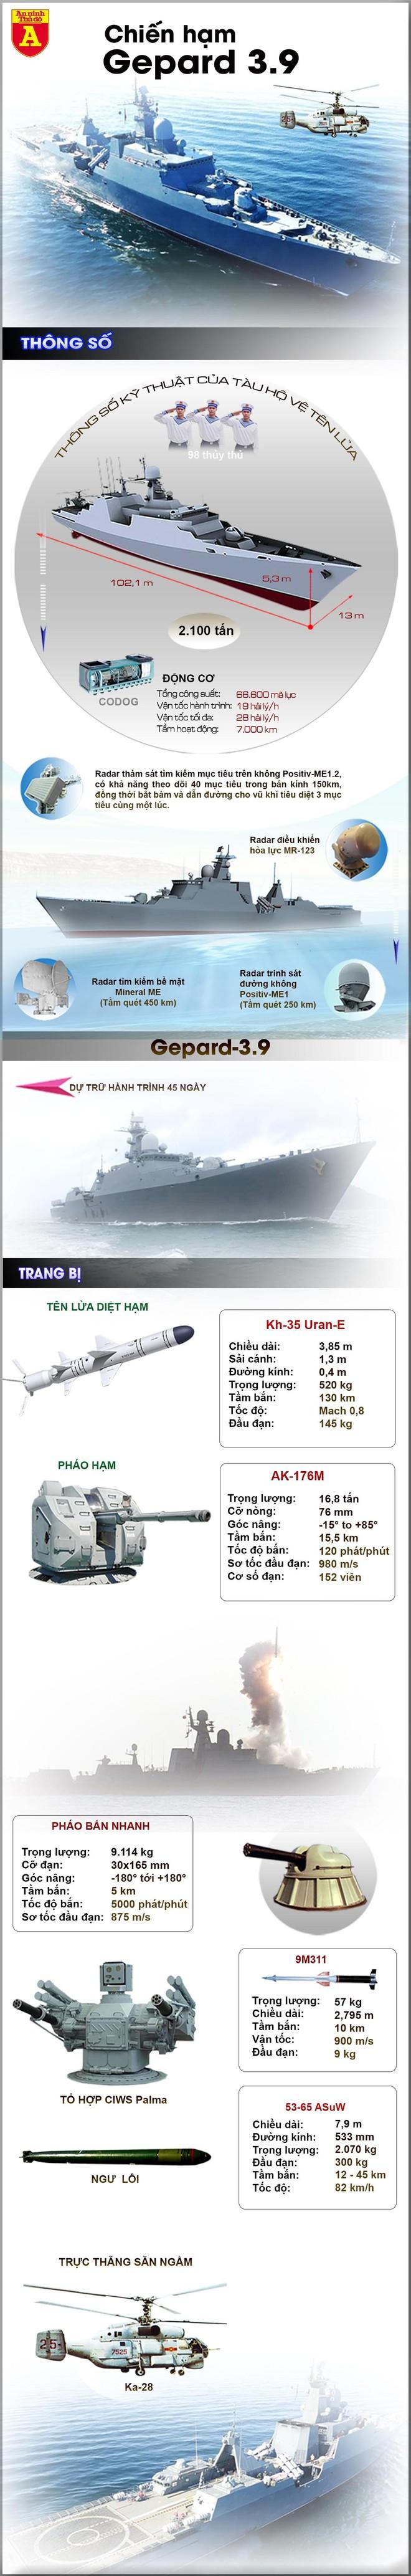 [Info] Chiến hạm mạnh nhất của Việt Nam cập cảng Nga ảnh 2